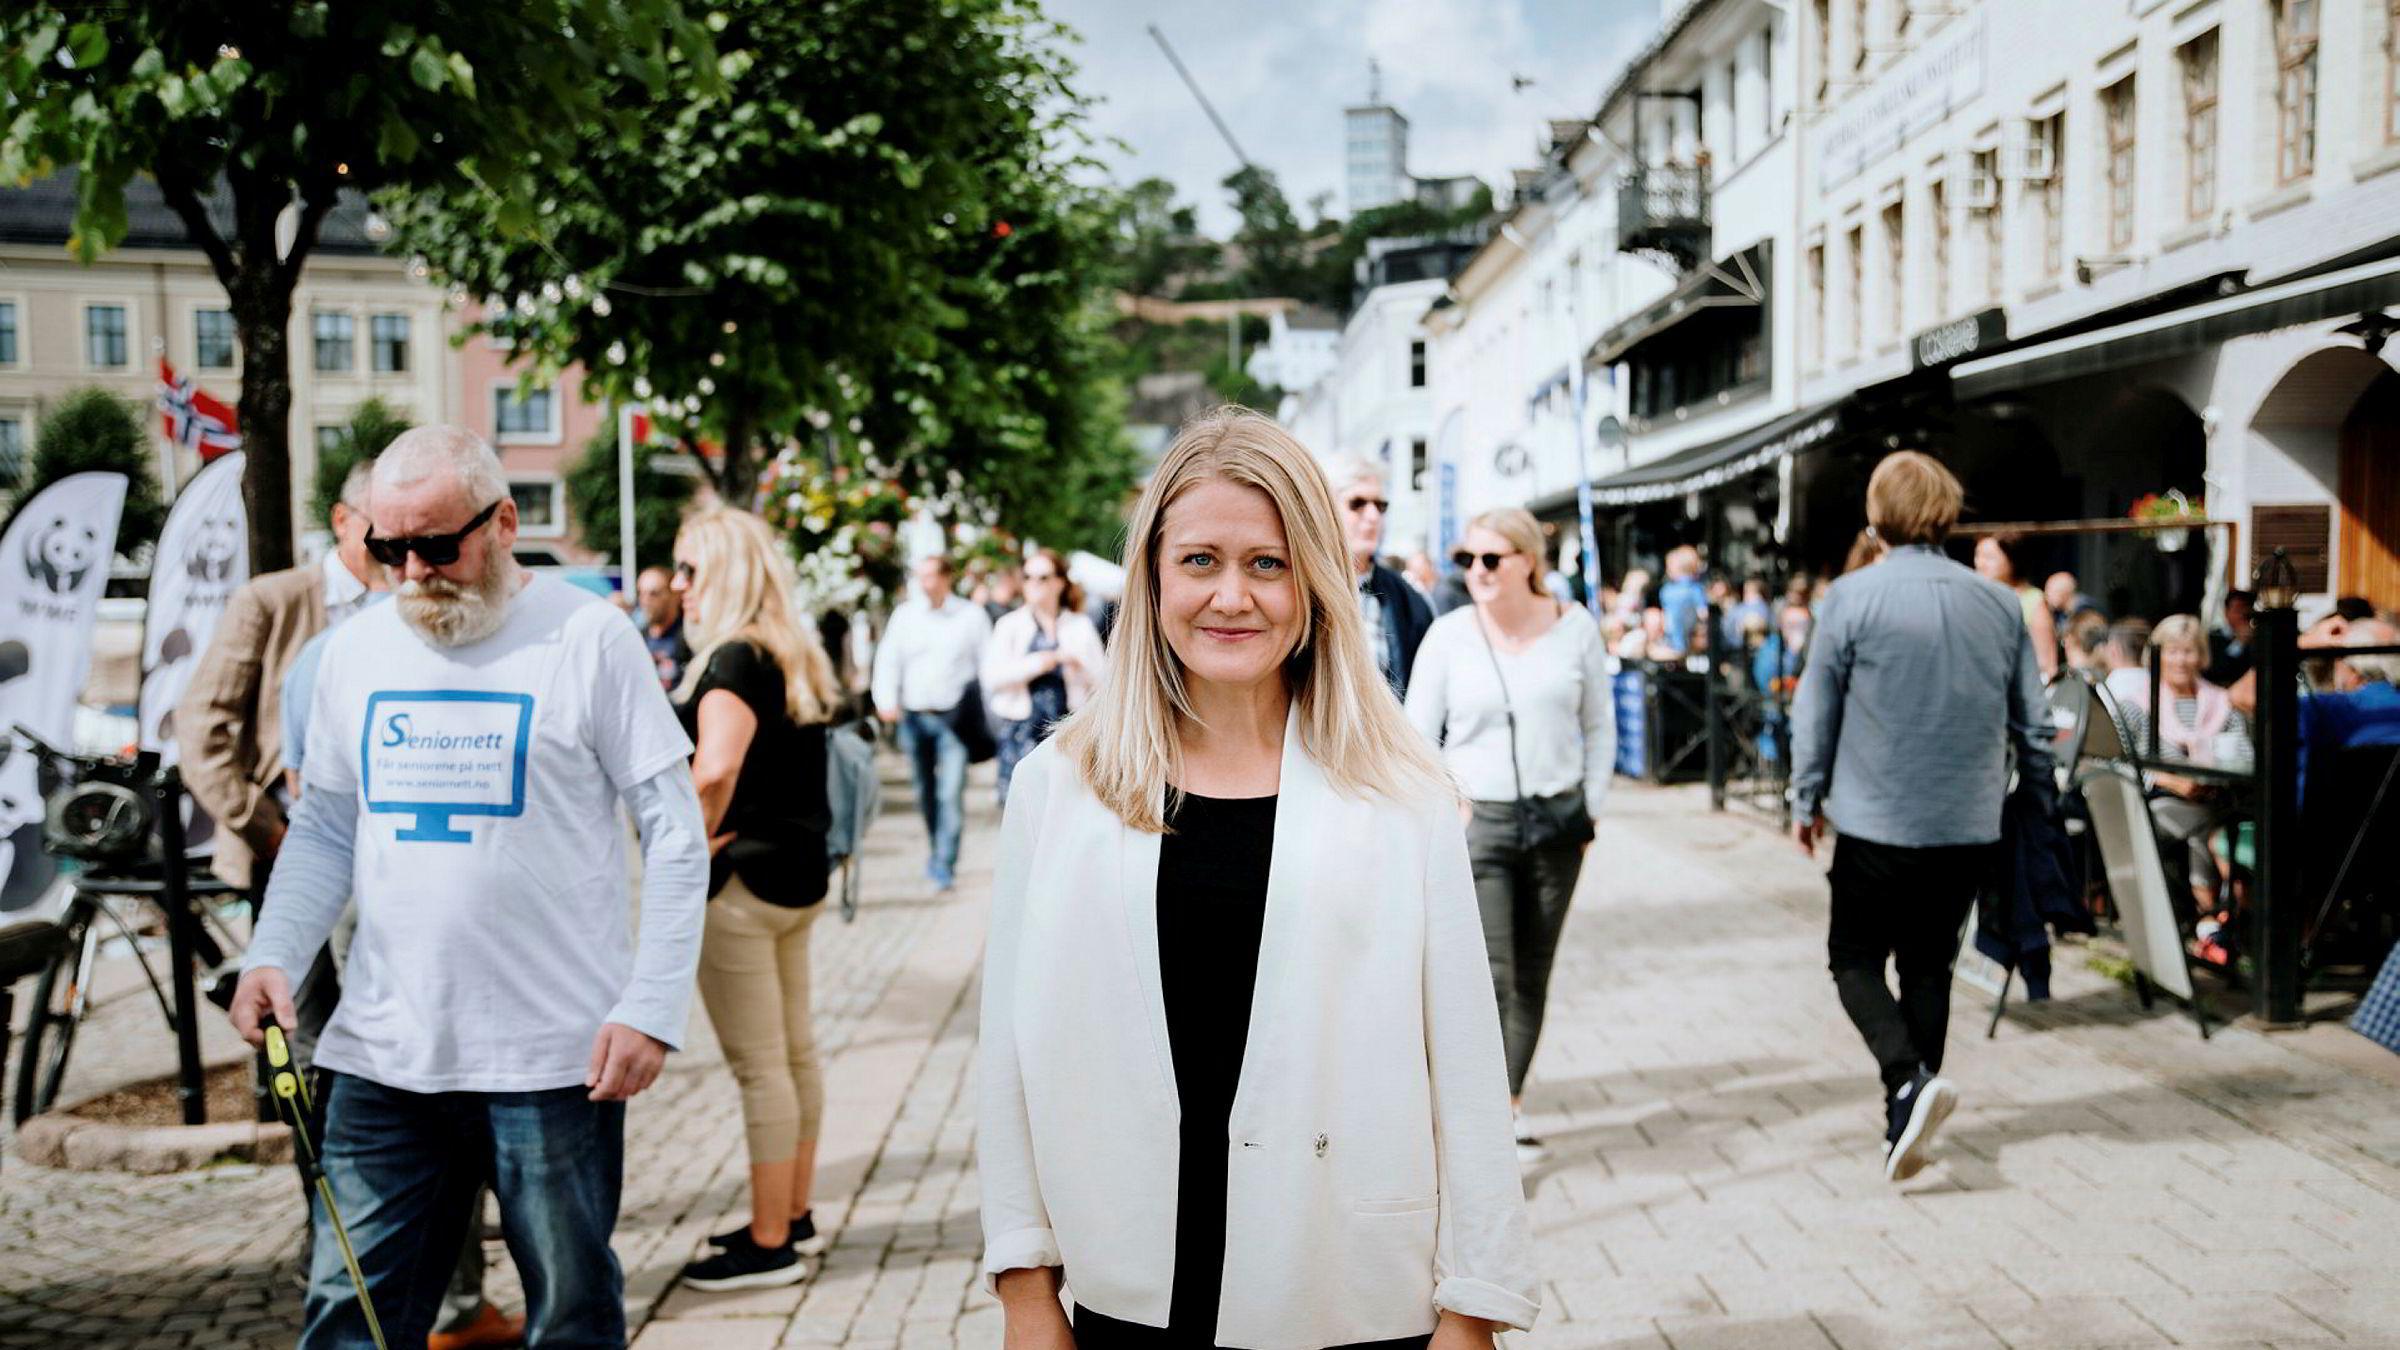 Astrid Bergmål, leder i Virke Reiseliv, er utrolig skuffet over regjeringens nye ordning for pakkereisearrangørene. Her på et bilde tatt i 2019 før koronarestriksjonene.